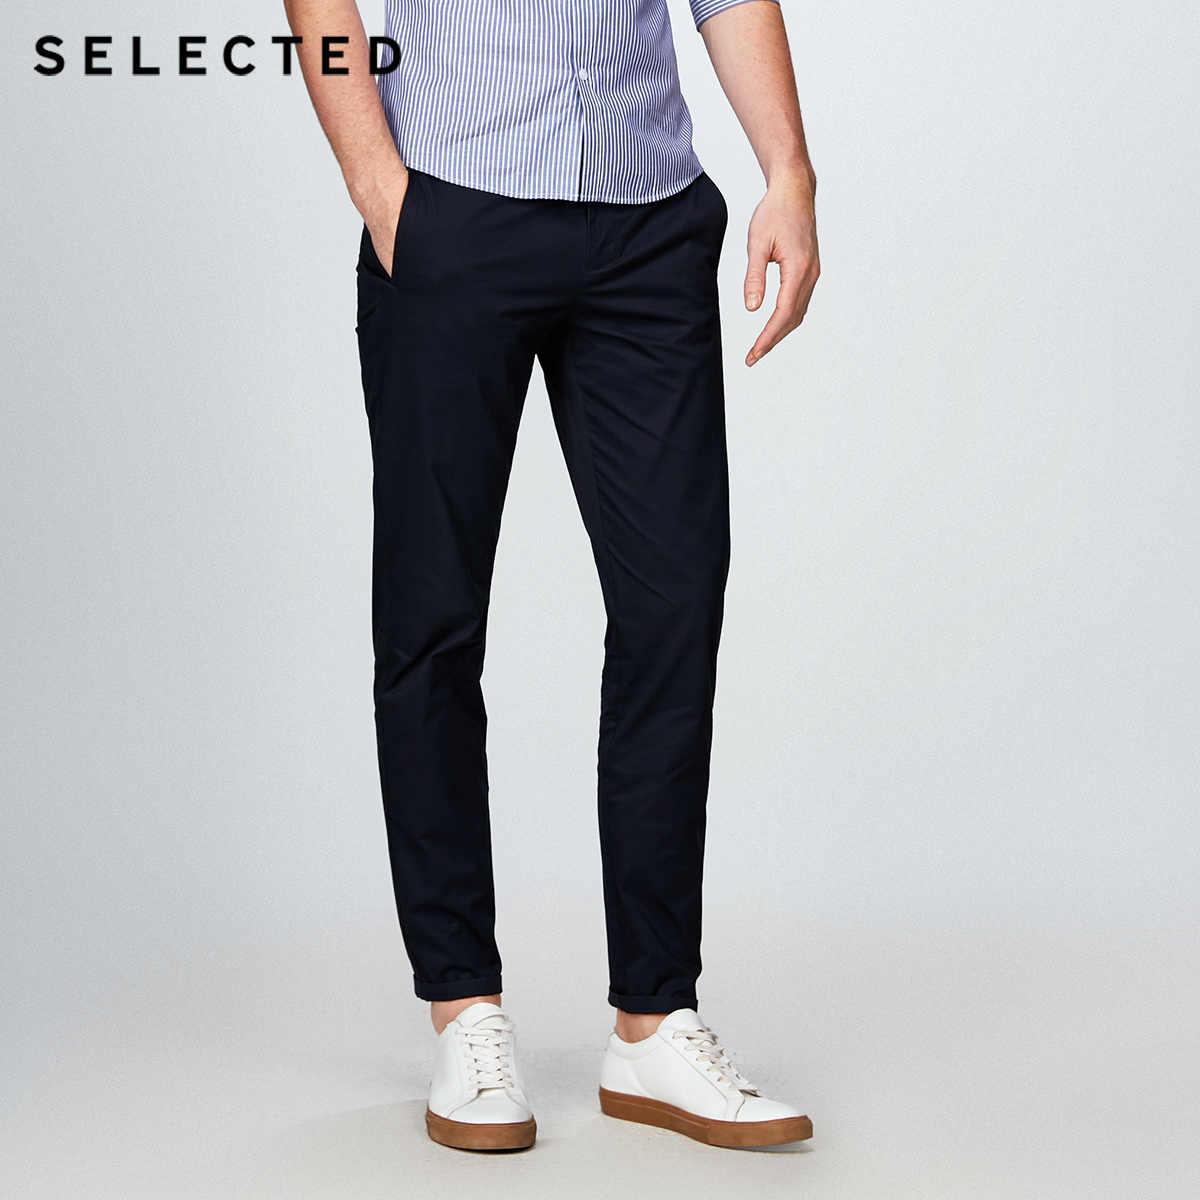 Wybrane bawełniane spodnie rekreacyjne z długimi nogawkami S | 4182W2511